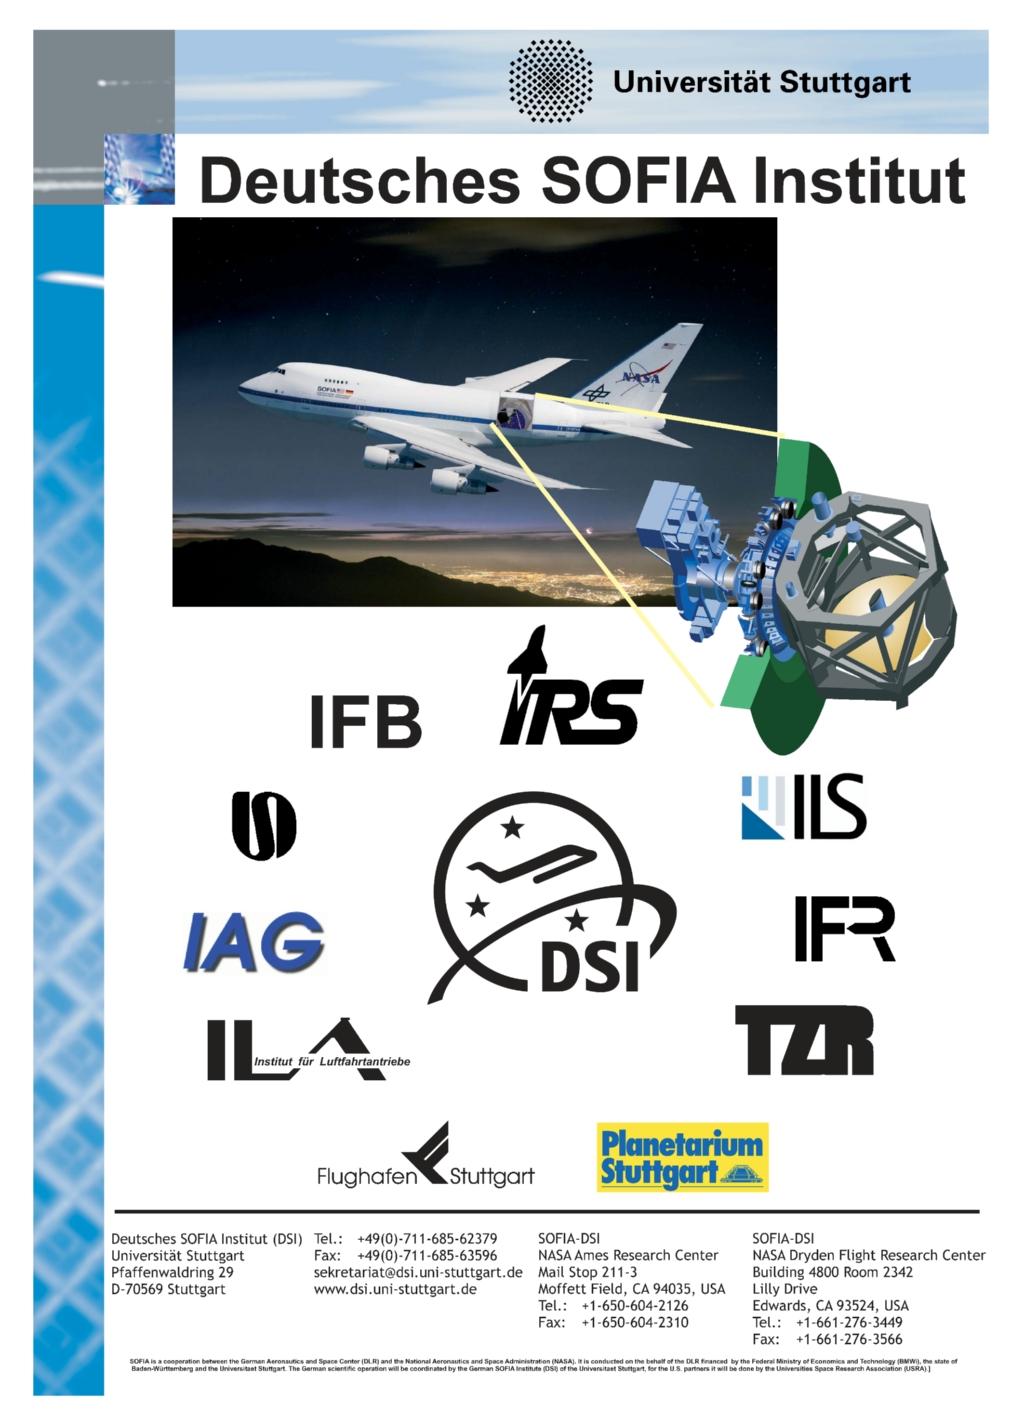 https://opencms.uni-stuttgart.de/project/dsi/img/infomaterial/plakate/DSI-Poster_dez11_2.jpg